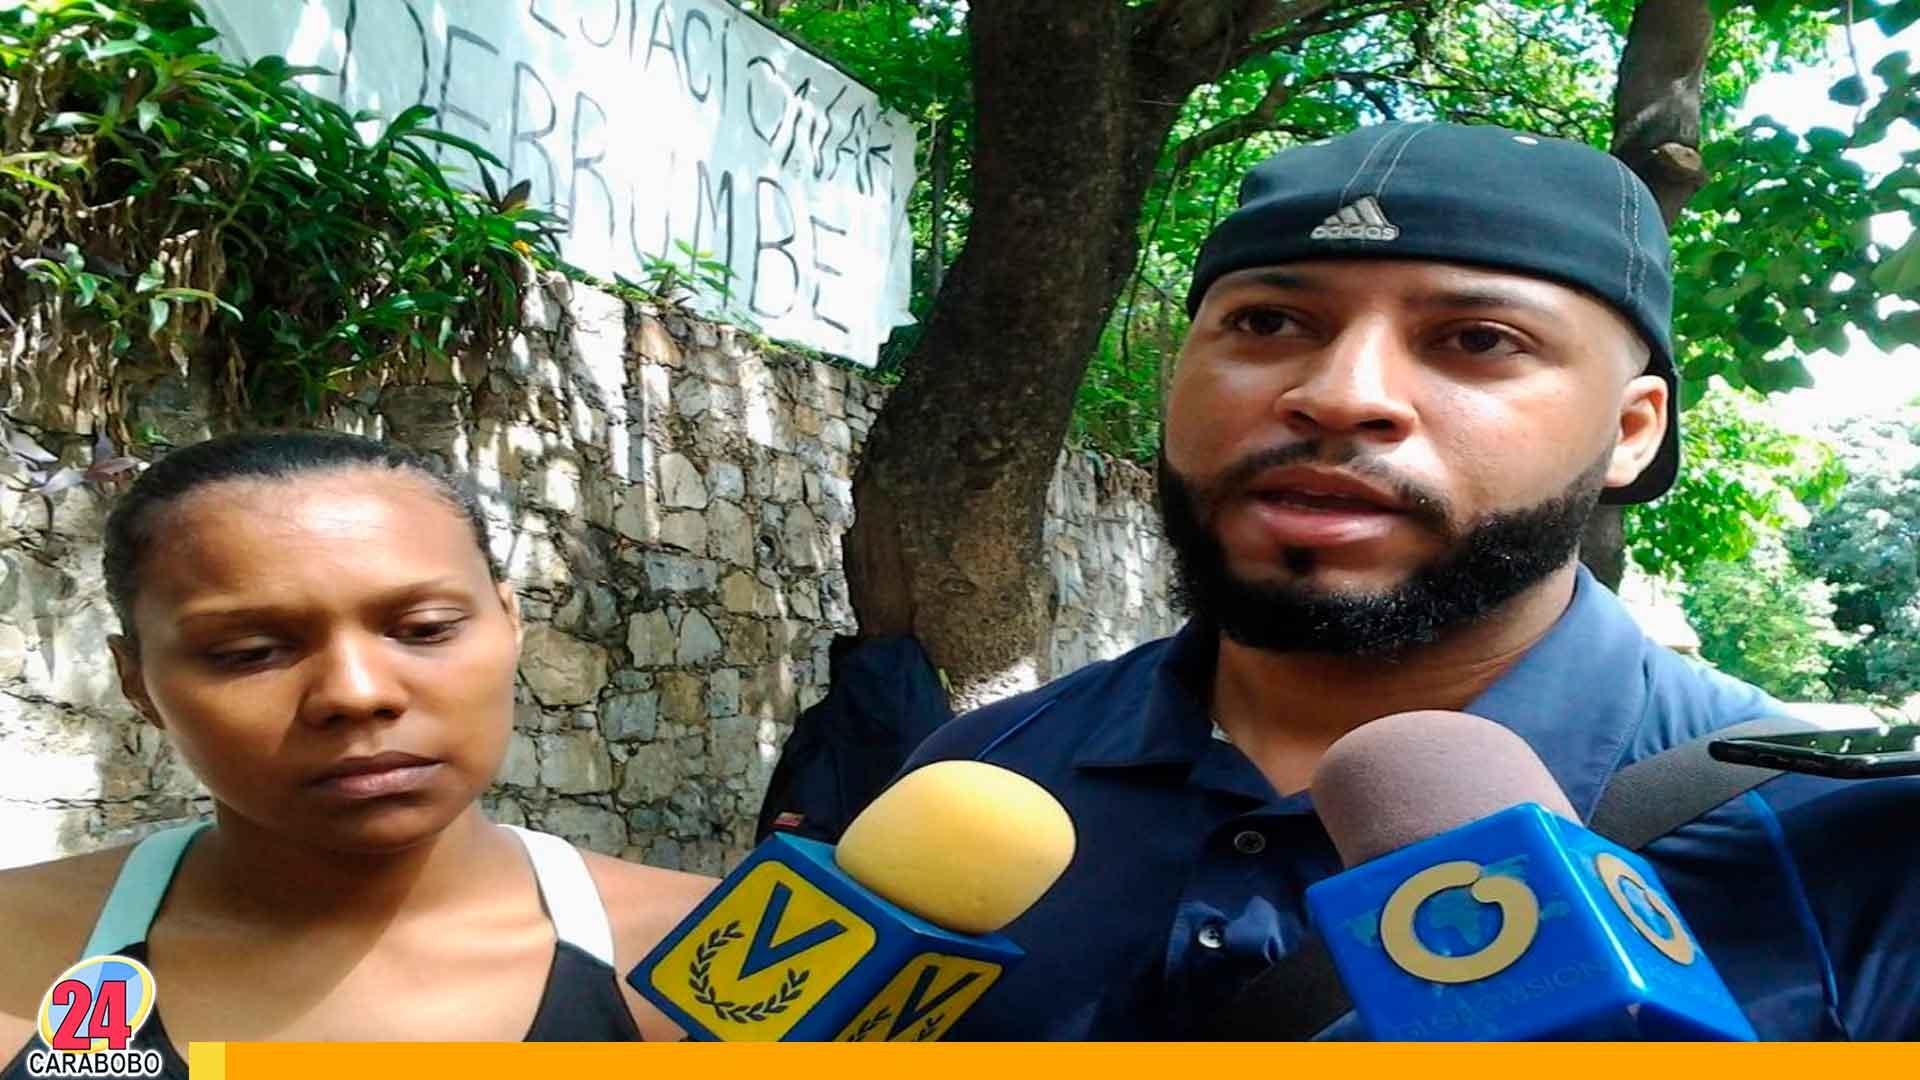 Noticias 24 Carabobo - Bebé muere por mala praxis